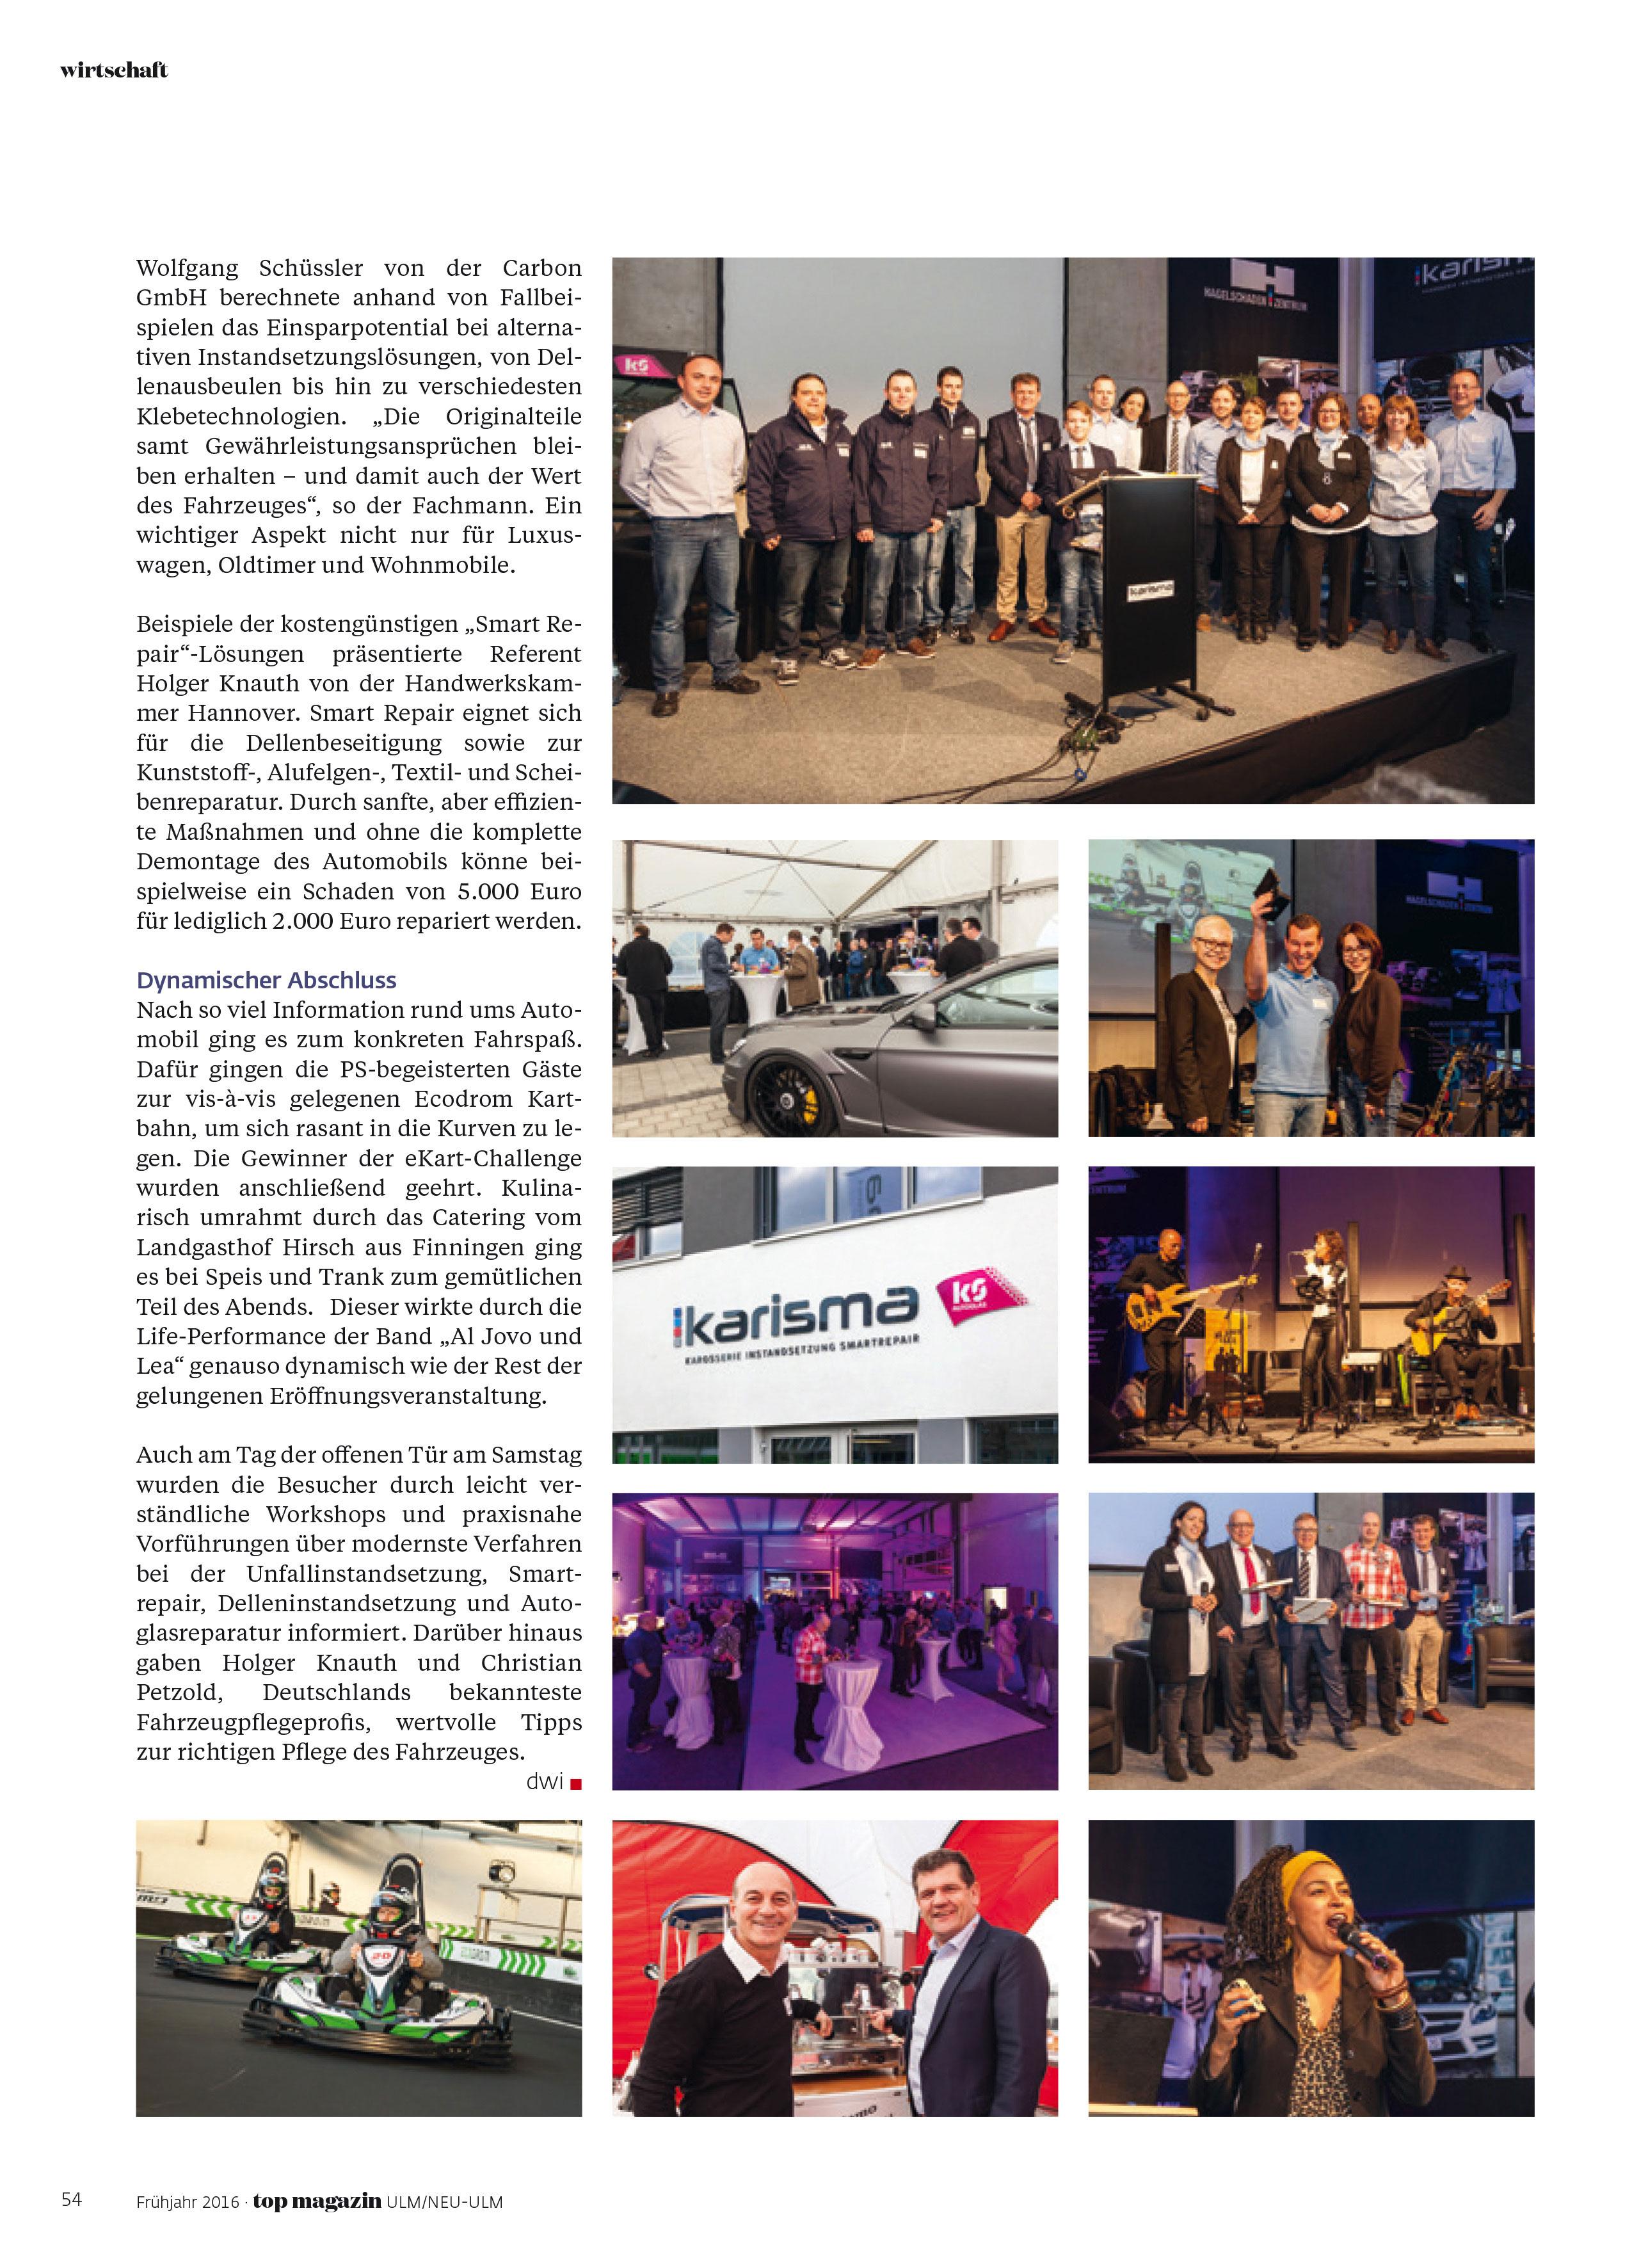 knu-presse-top-magazin-ulm-neueroeffnung-karisma-2